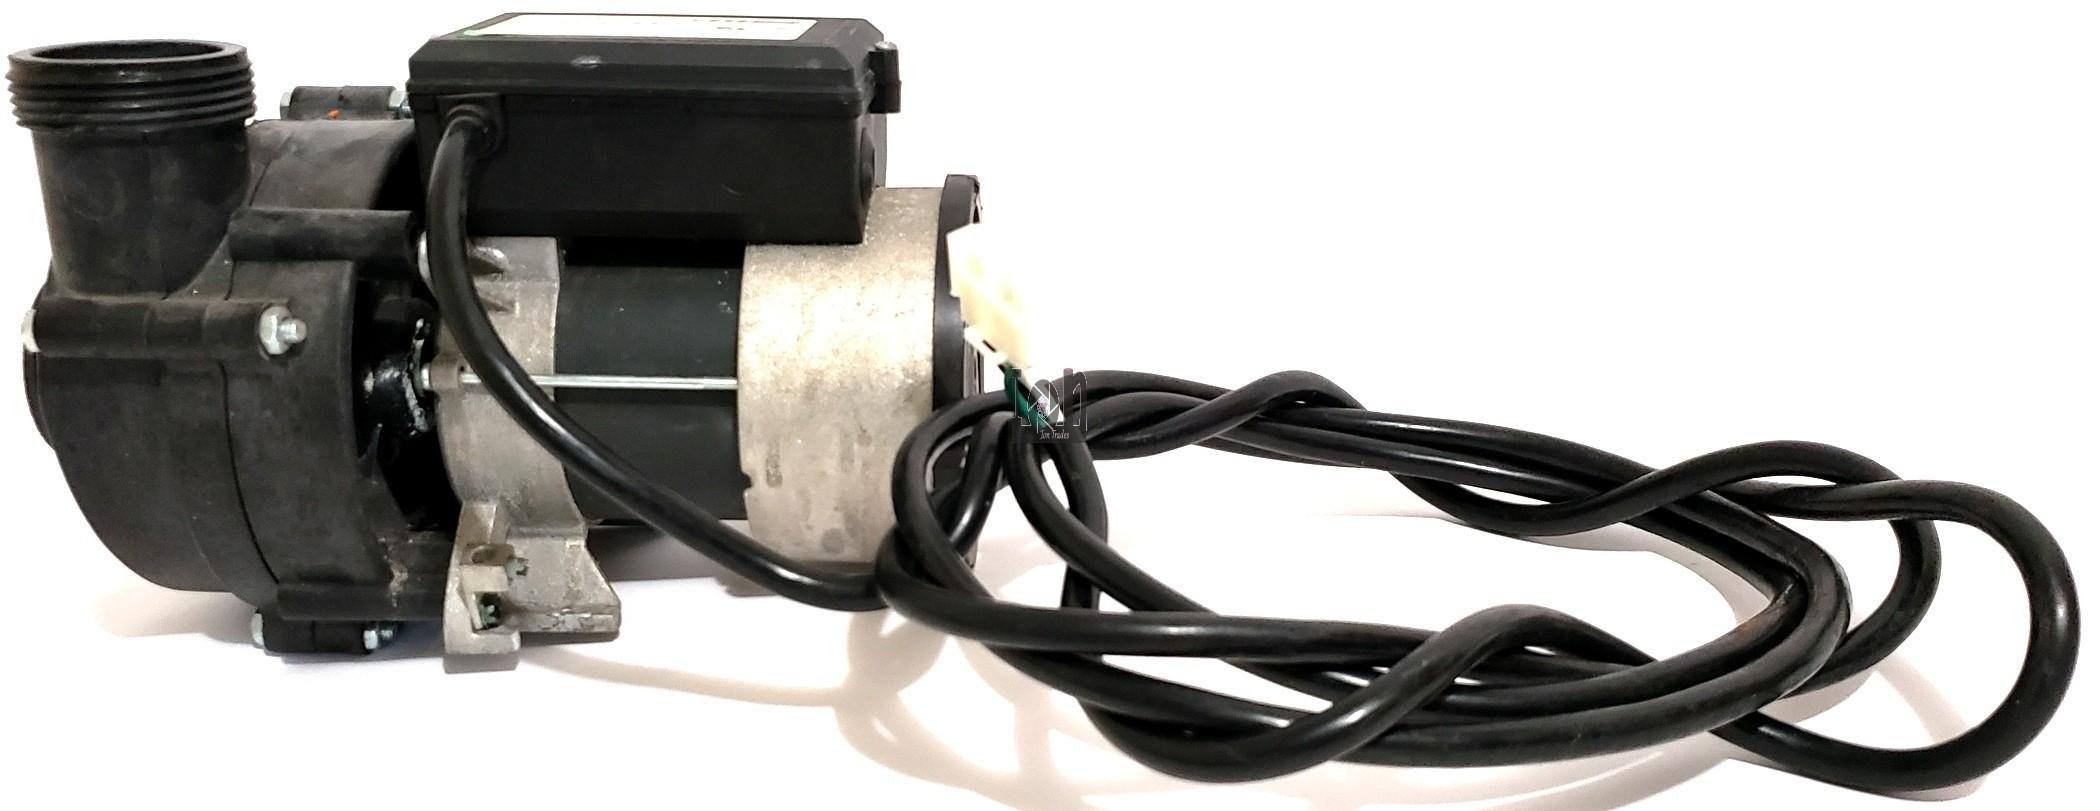 Balboa 1070056 1/4 HP Pump Circulation Pump Pool Spa Motor 230V 0.25HP